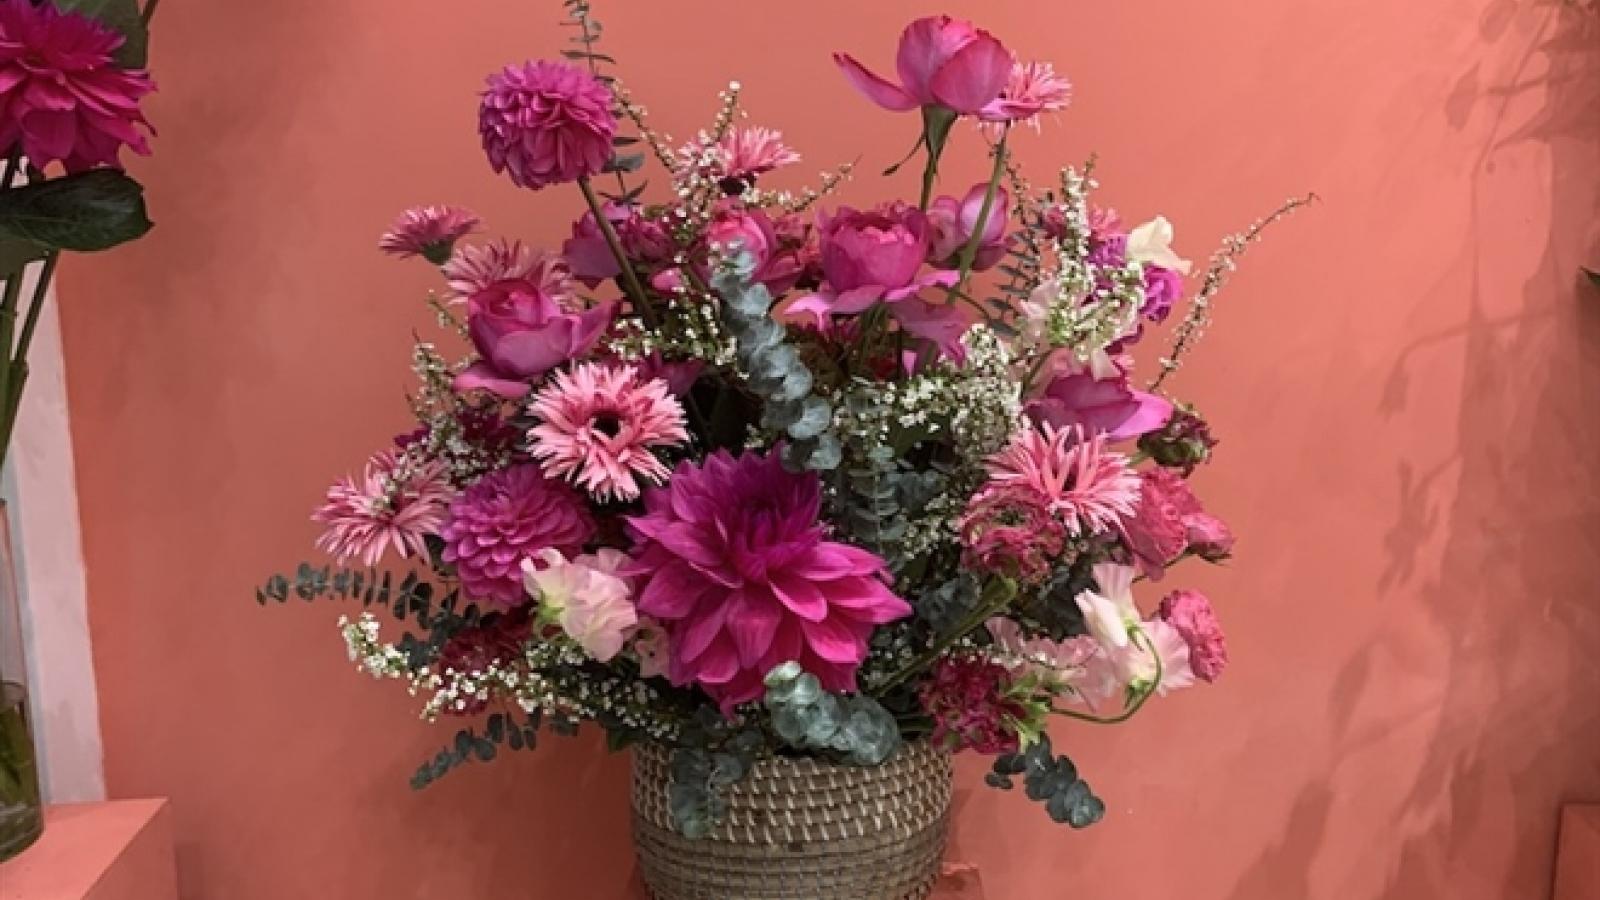 """Hà Nội sát ngày 8/3, hoa nội đắt gấp đôi, hoa ngoại giá """"trên trời"""" vẫn cháy hàng"""